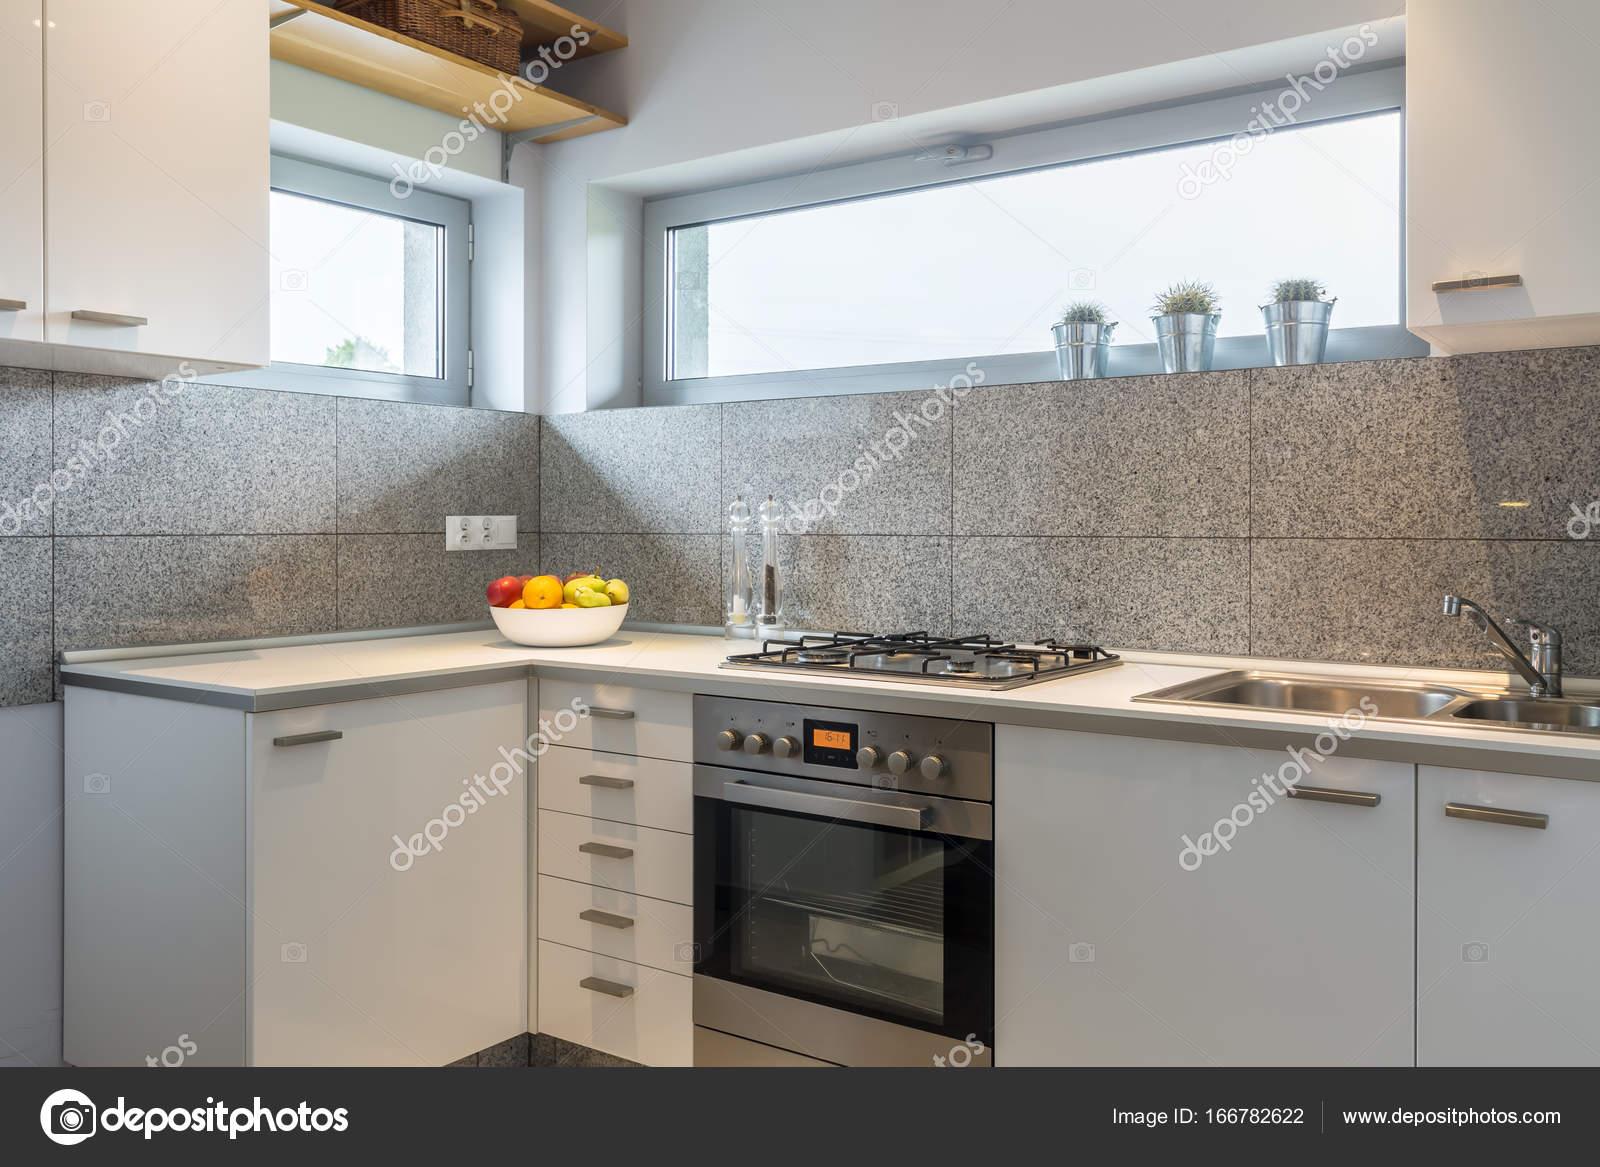 Diseño de la cocina sencilla con estilo — Fotos de Stock ...